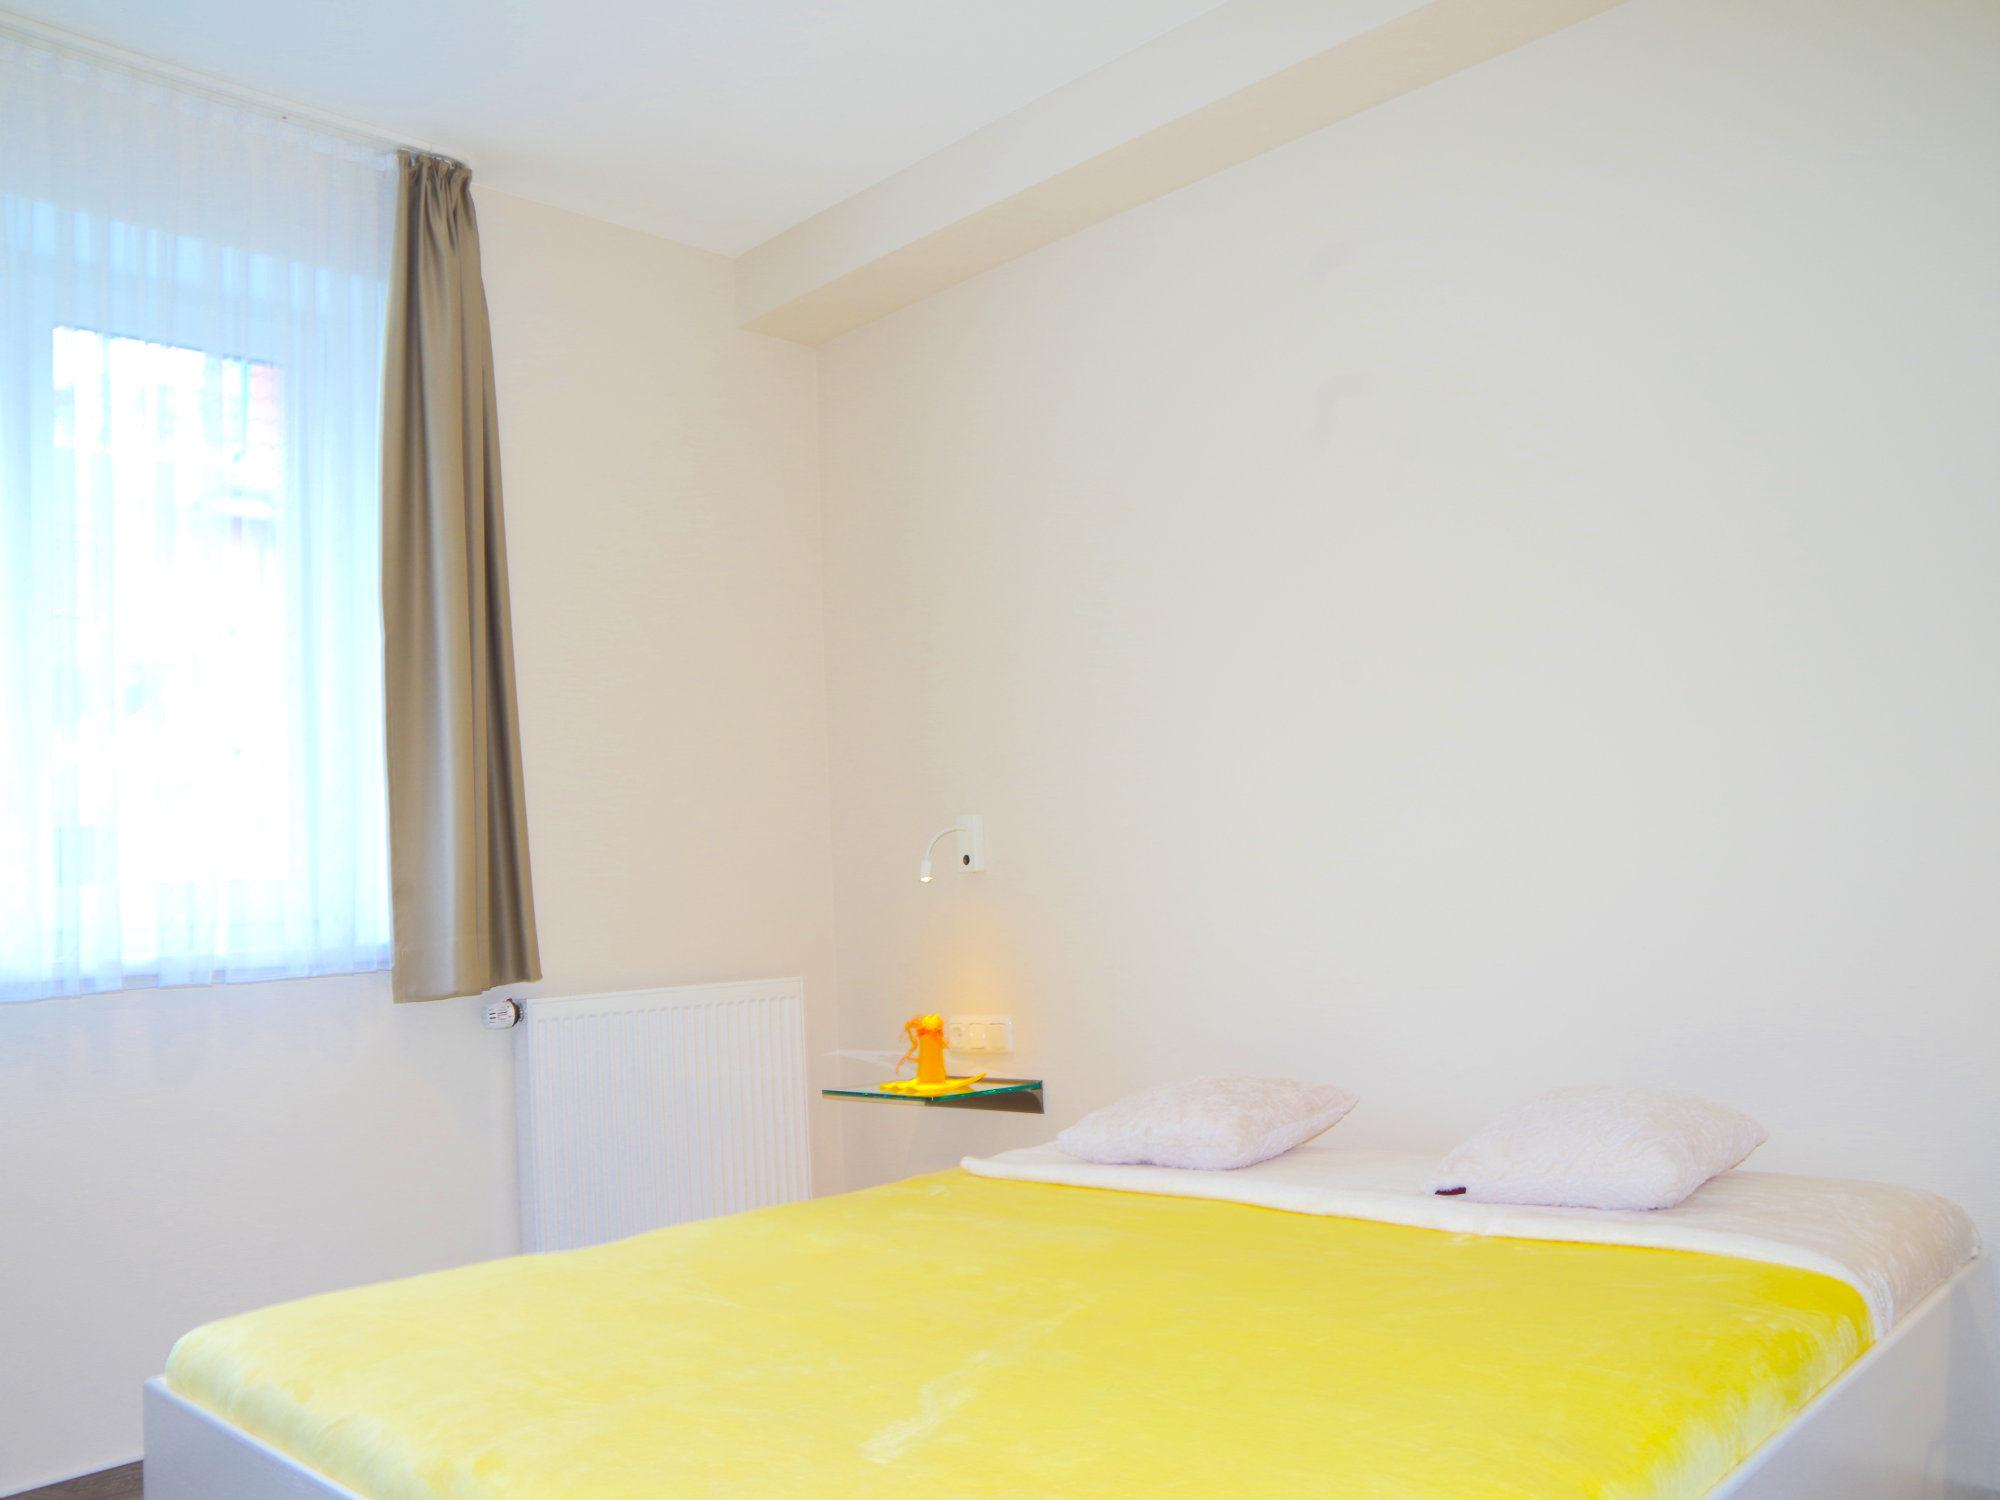 Schlafzimmer  mit Doppelbett und großem Fenster auf der linken Seite